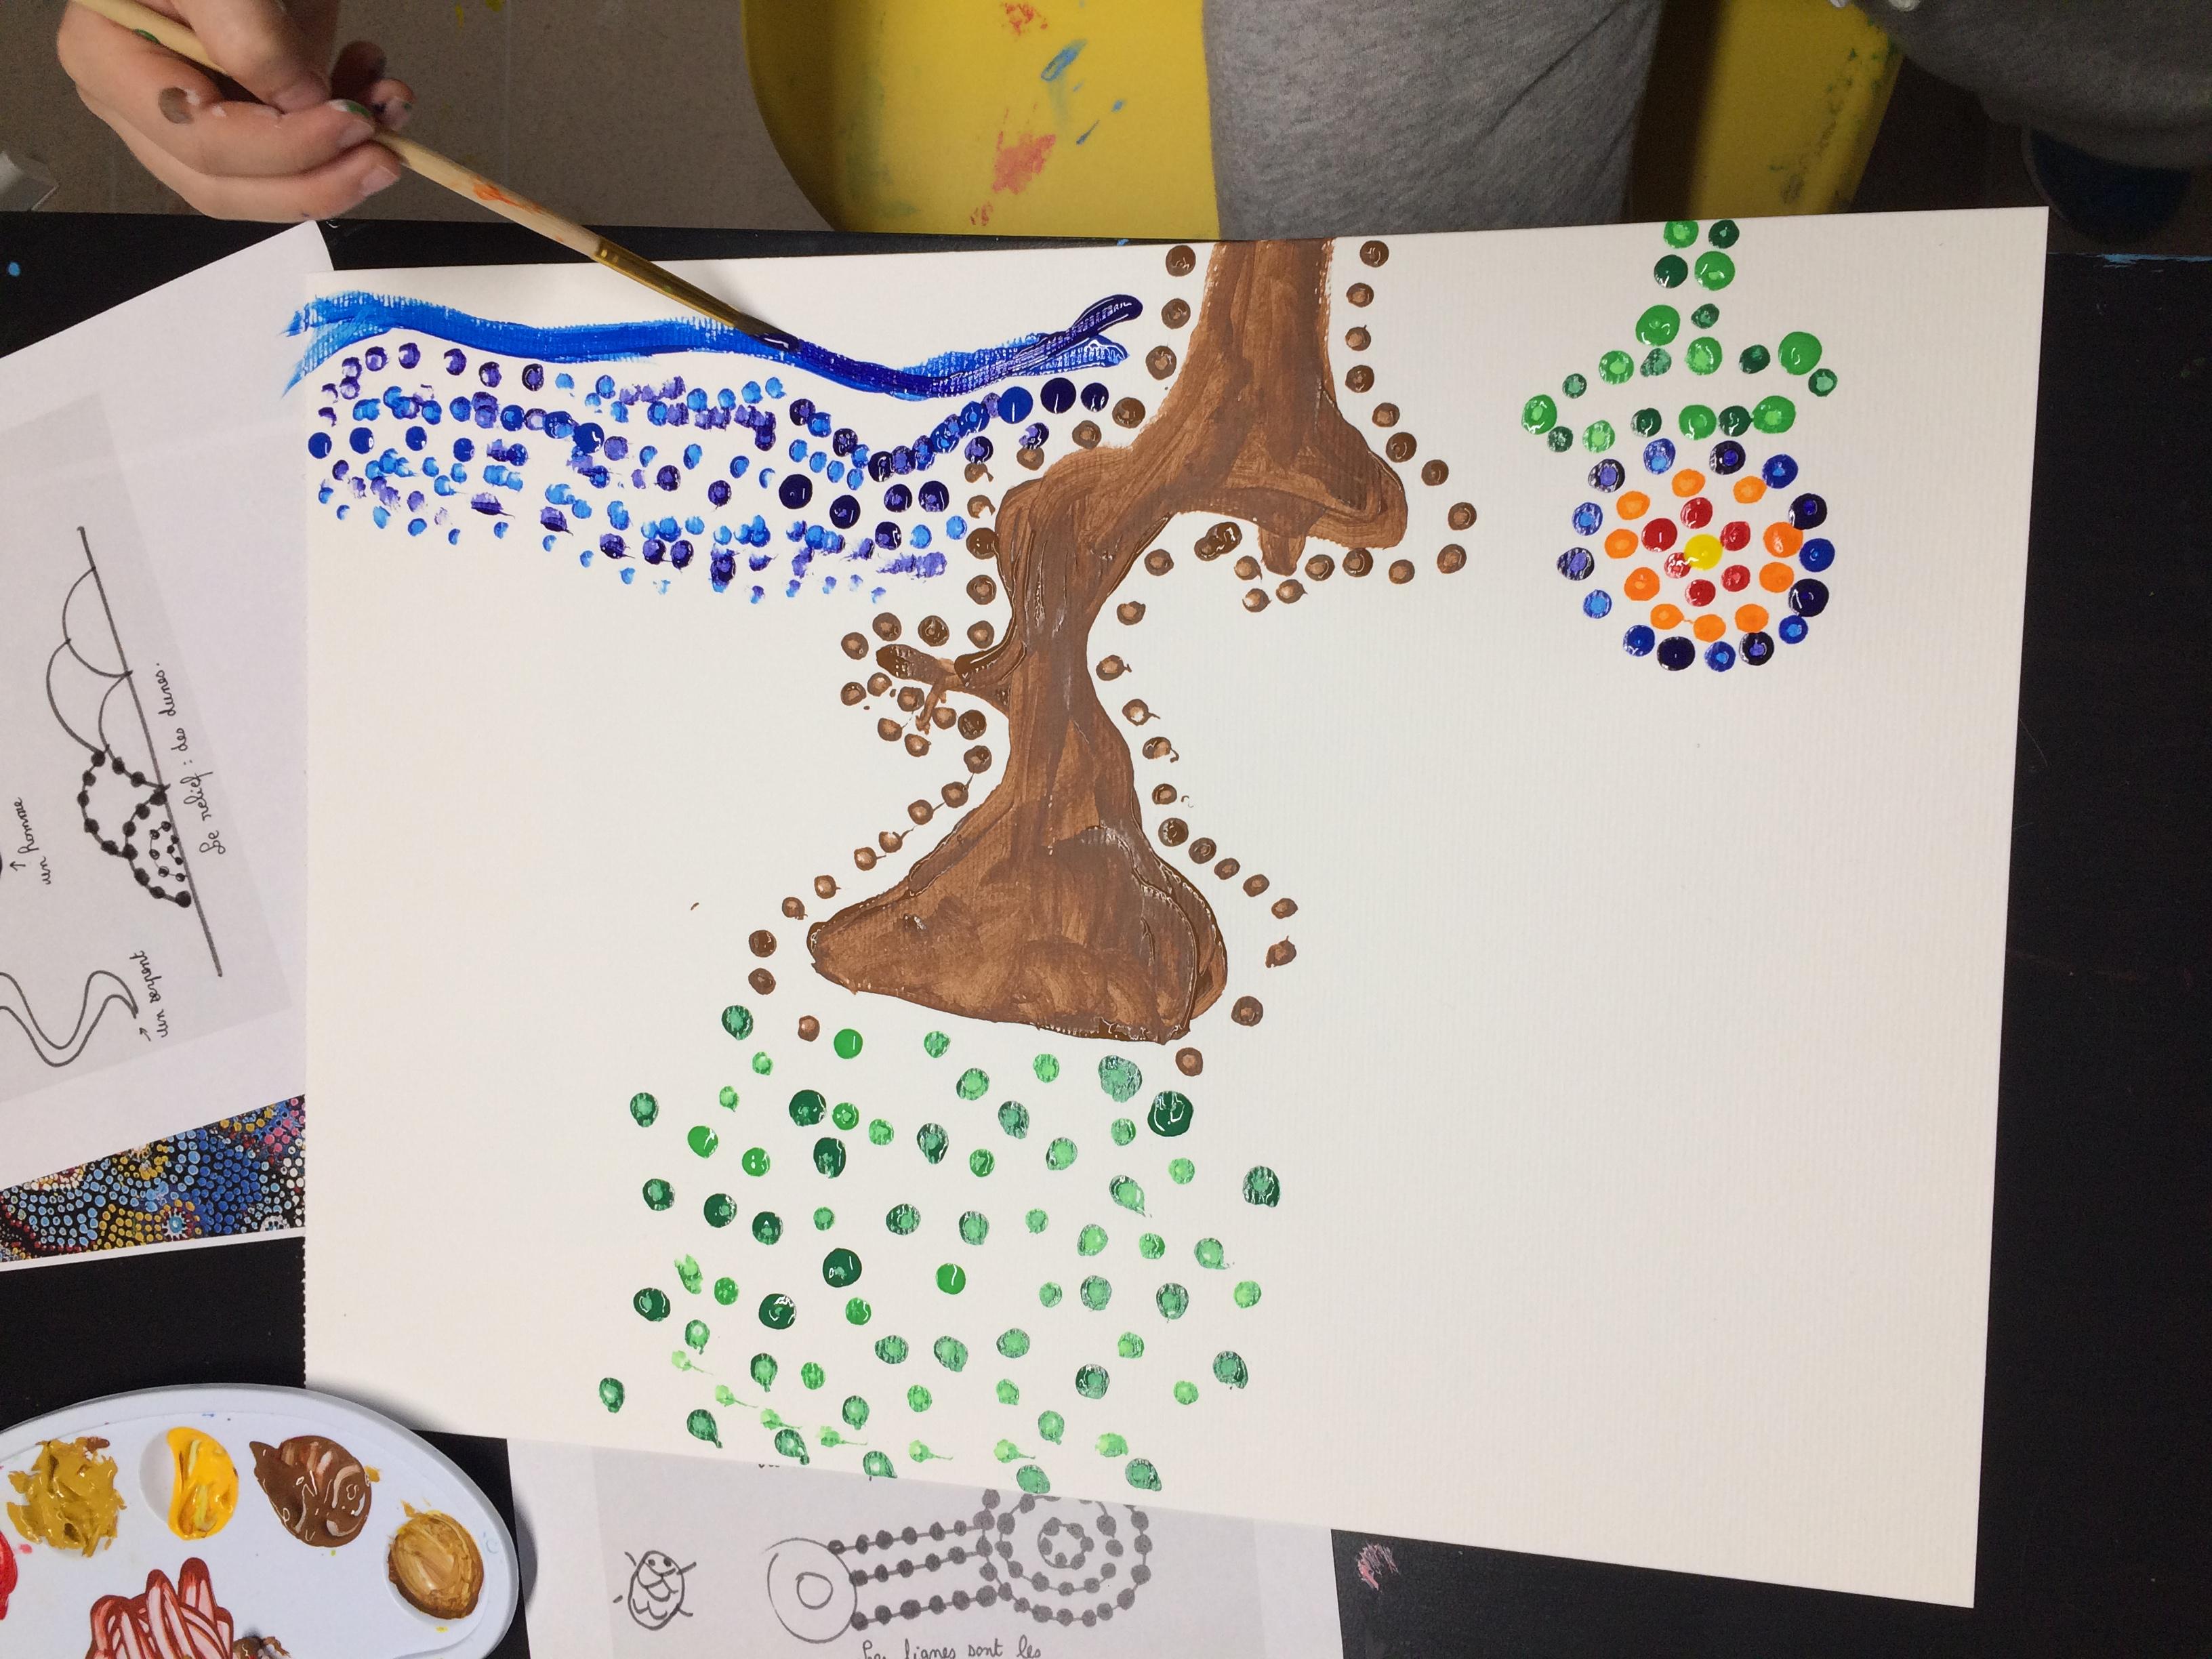 AborigenArt